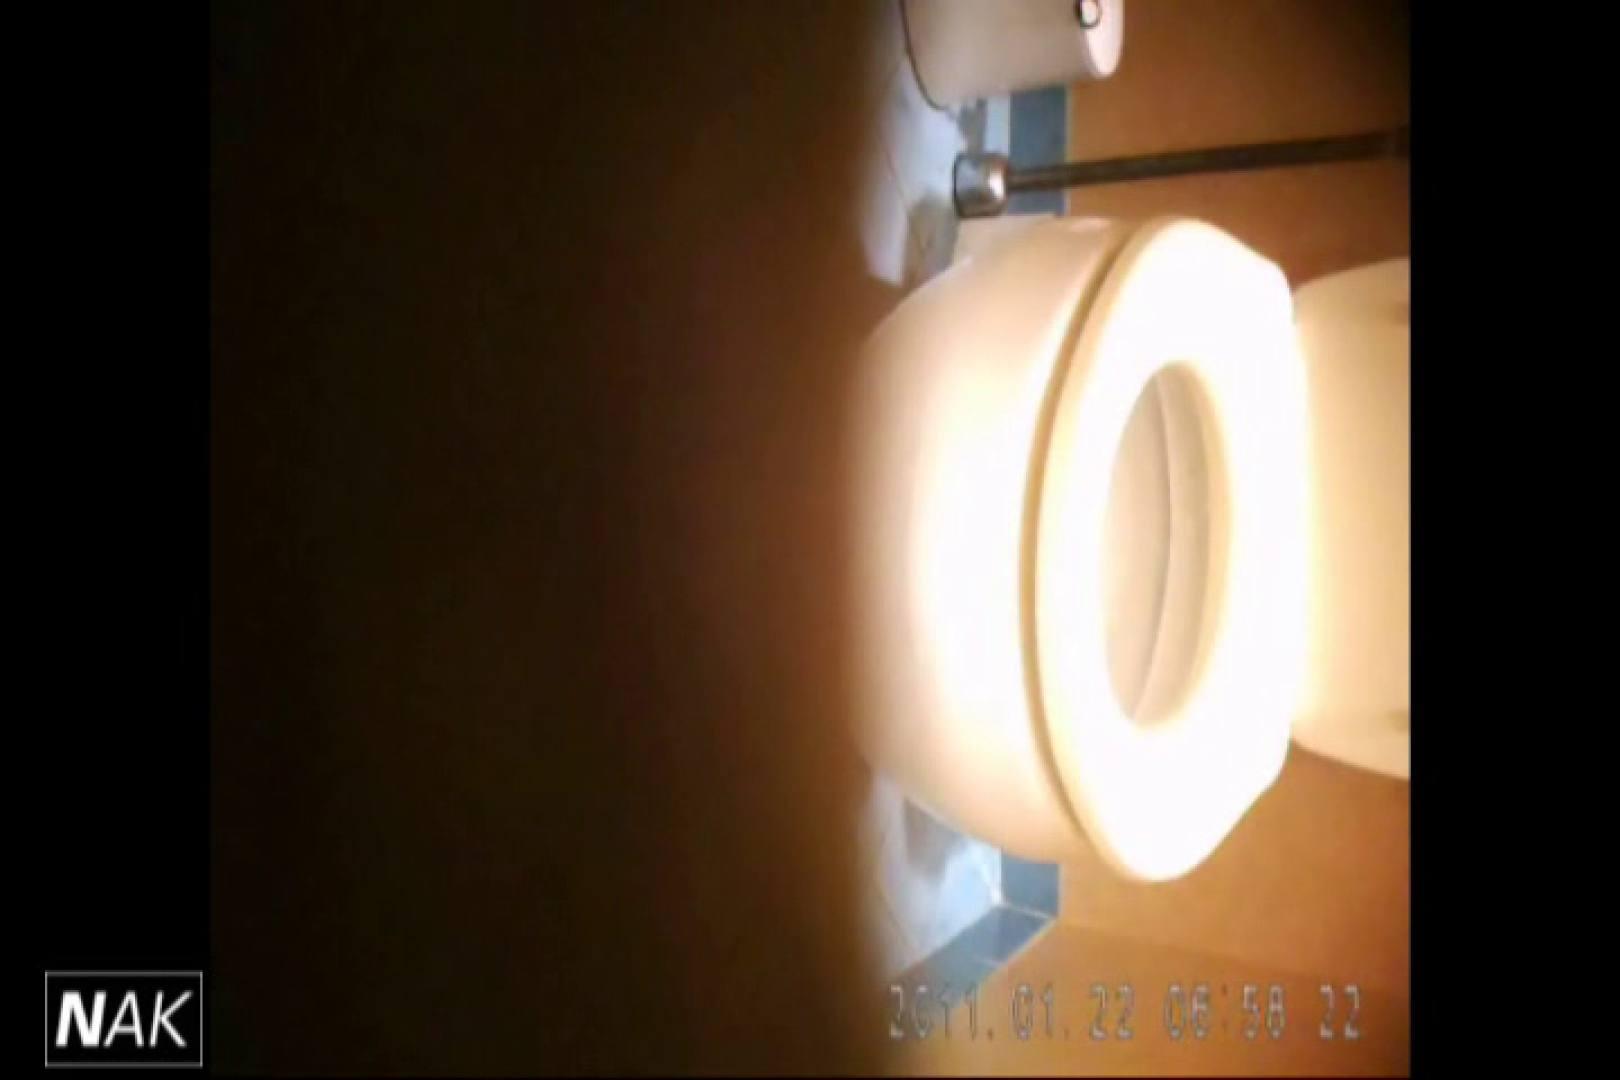 せん八さんの厠観察日記!2点監視カメラ 高画質5000K vol.10 厠 覗きぱこり動画紹介 67画像 28